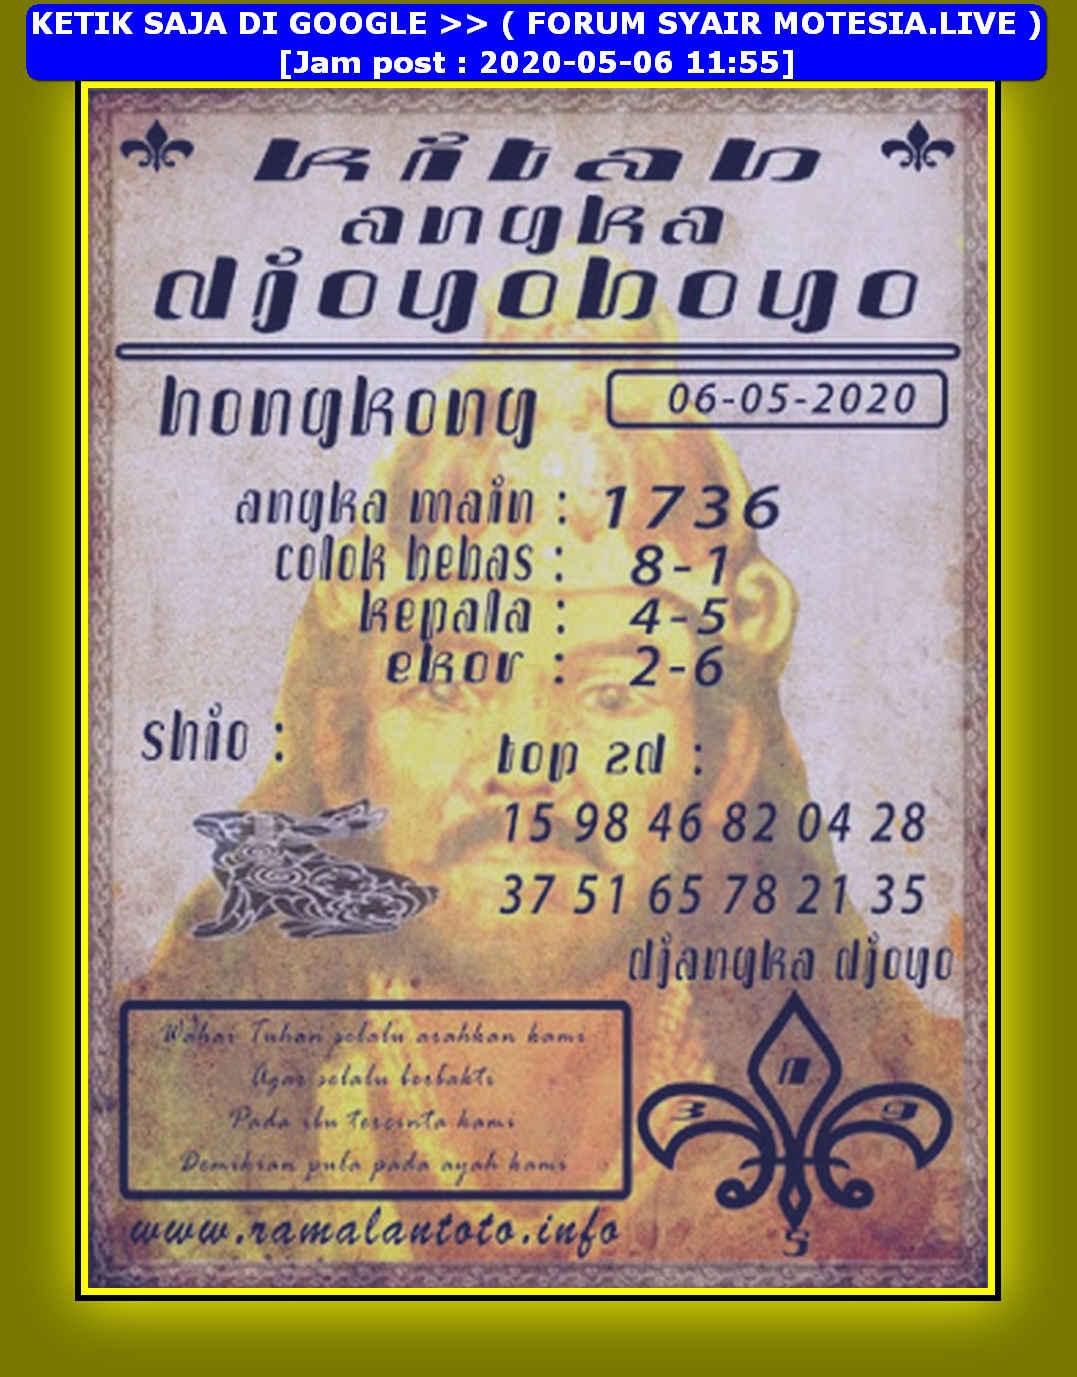 Kode syair Hongkong Rabu 6 Mei 2020 167